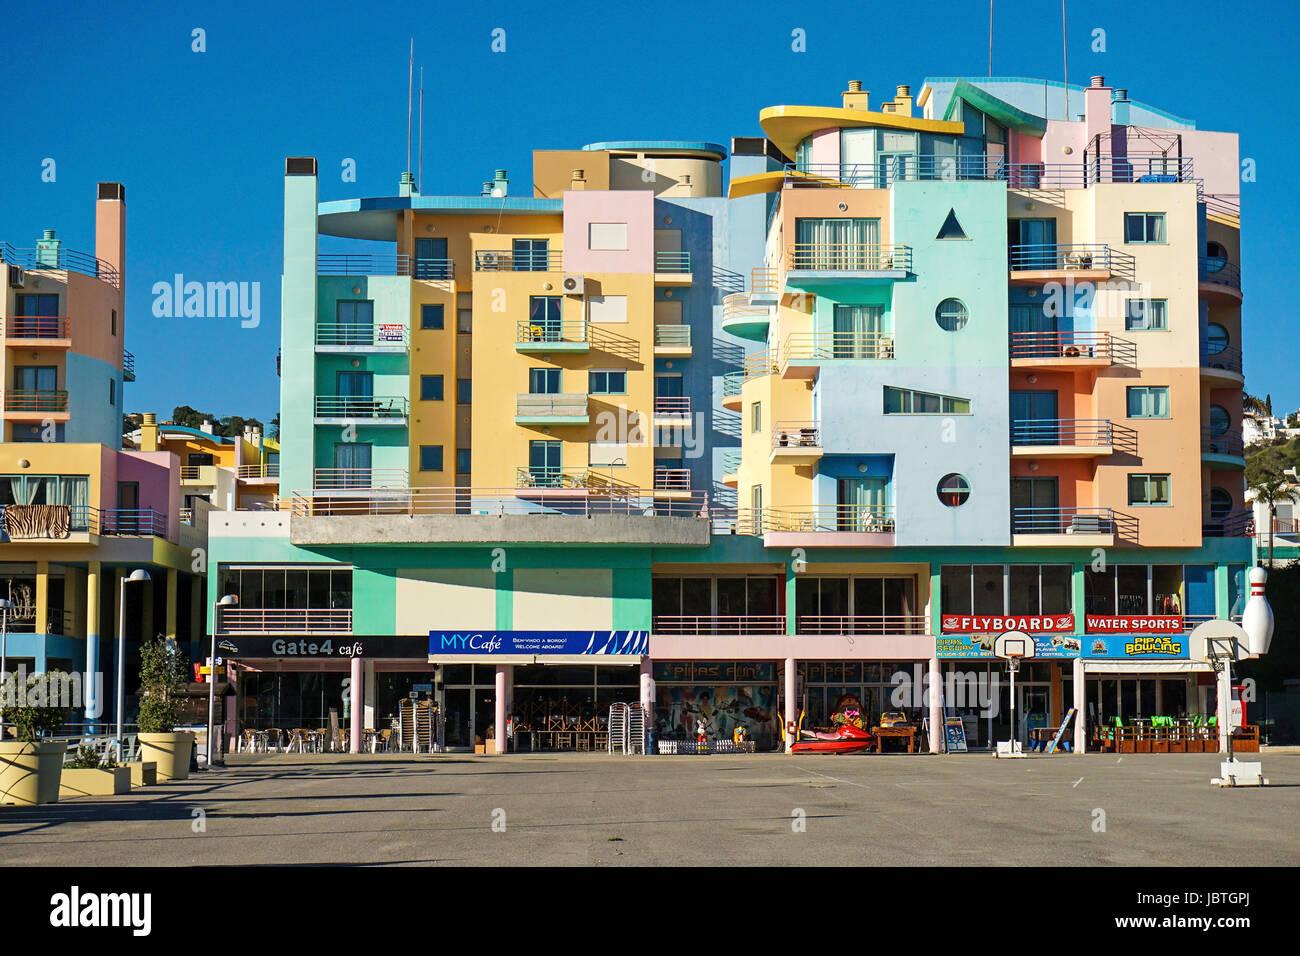 Haus Haeuser Photos & Haus Haeuser Images - Alamy